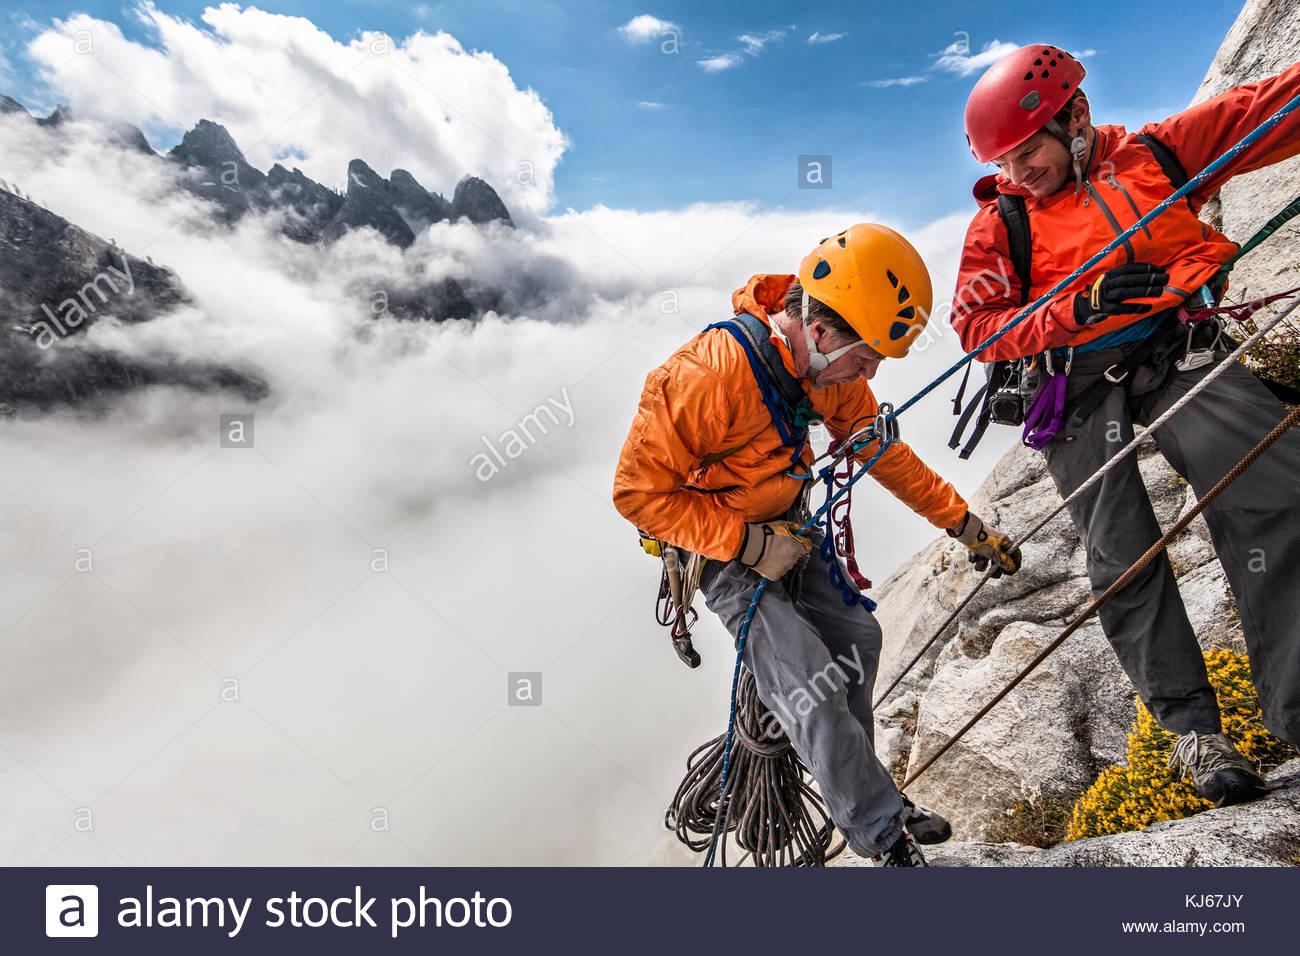 Bergsteiger versuchen, das Erreichen der Spitze, bewölkt Gipfel Hintergrund Stockbild